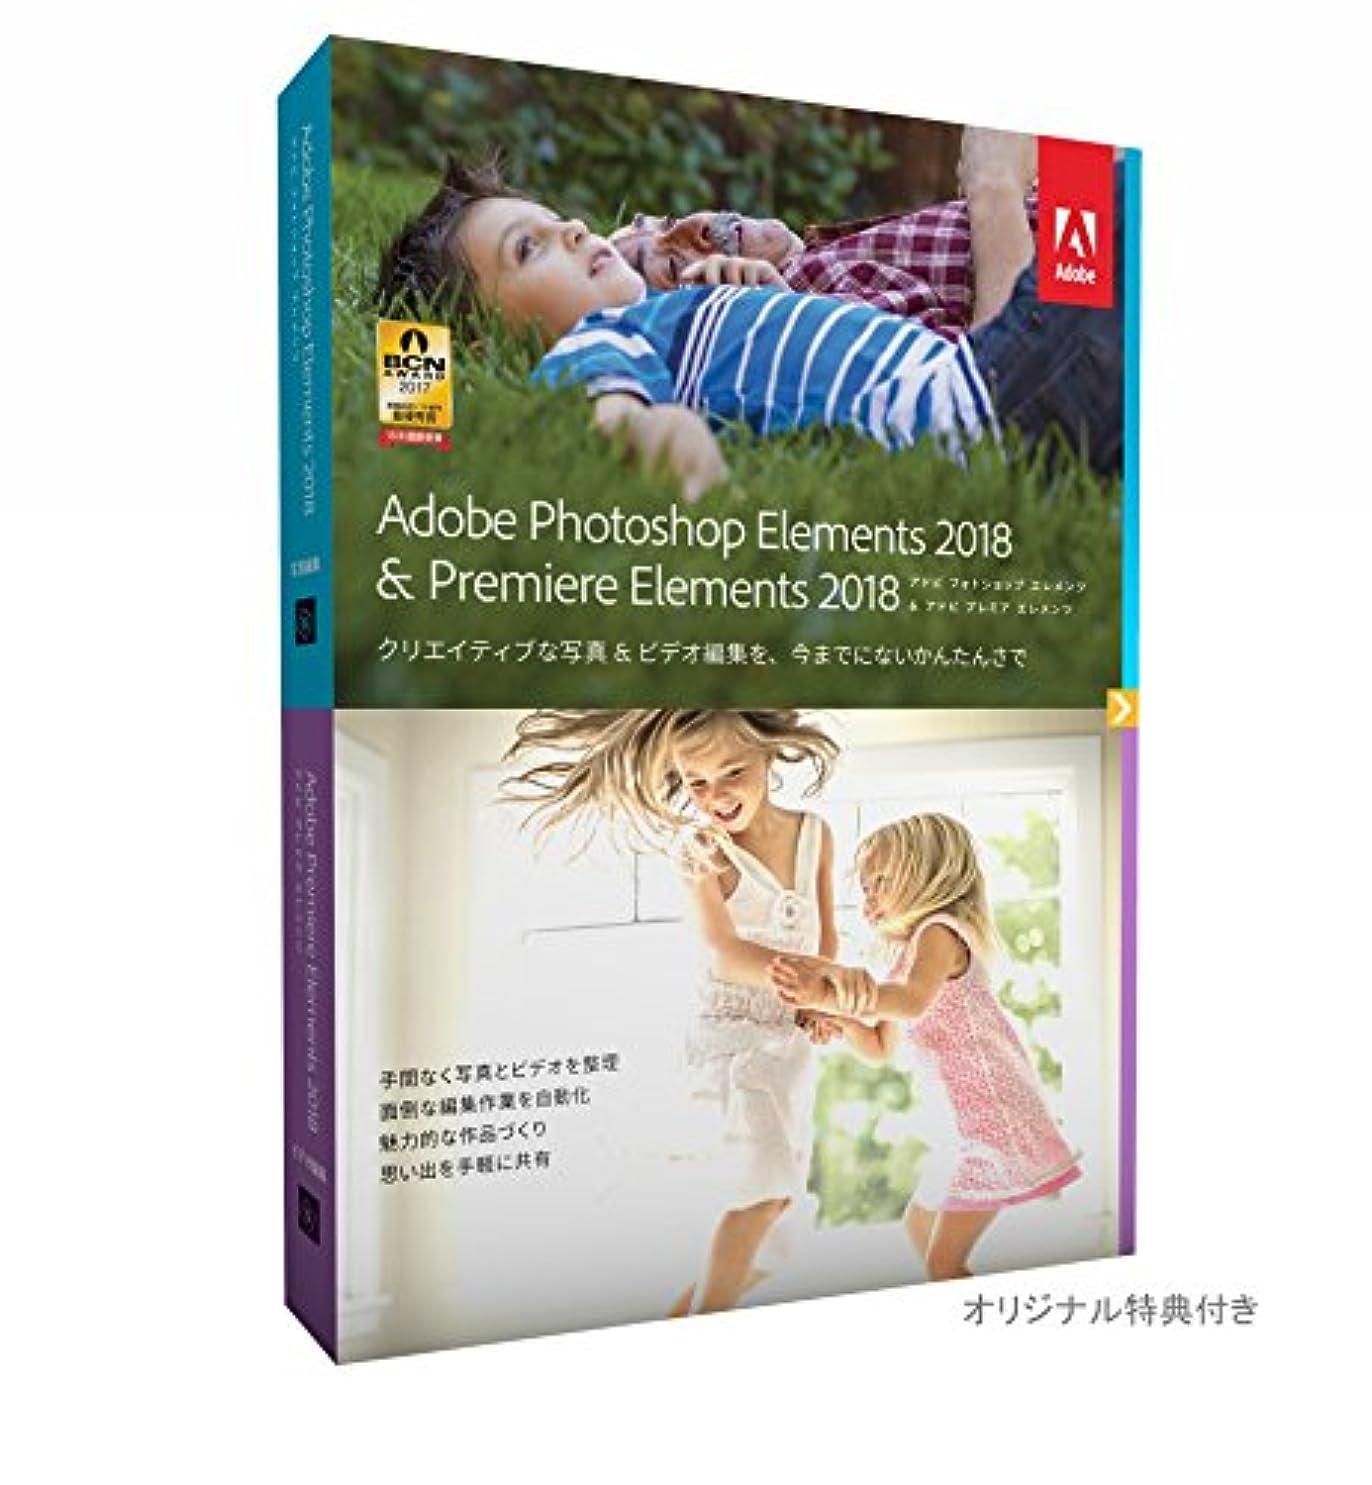 アベニューフィドルバージン【旧製品】Adobe Photoshop Elements 2018 & Premiere Elements 2018 Windows/Macintosh版|特典ソフト付き(Amazon.co.jp限定)